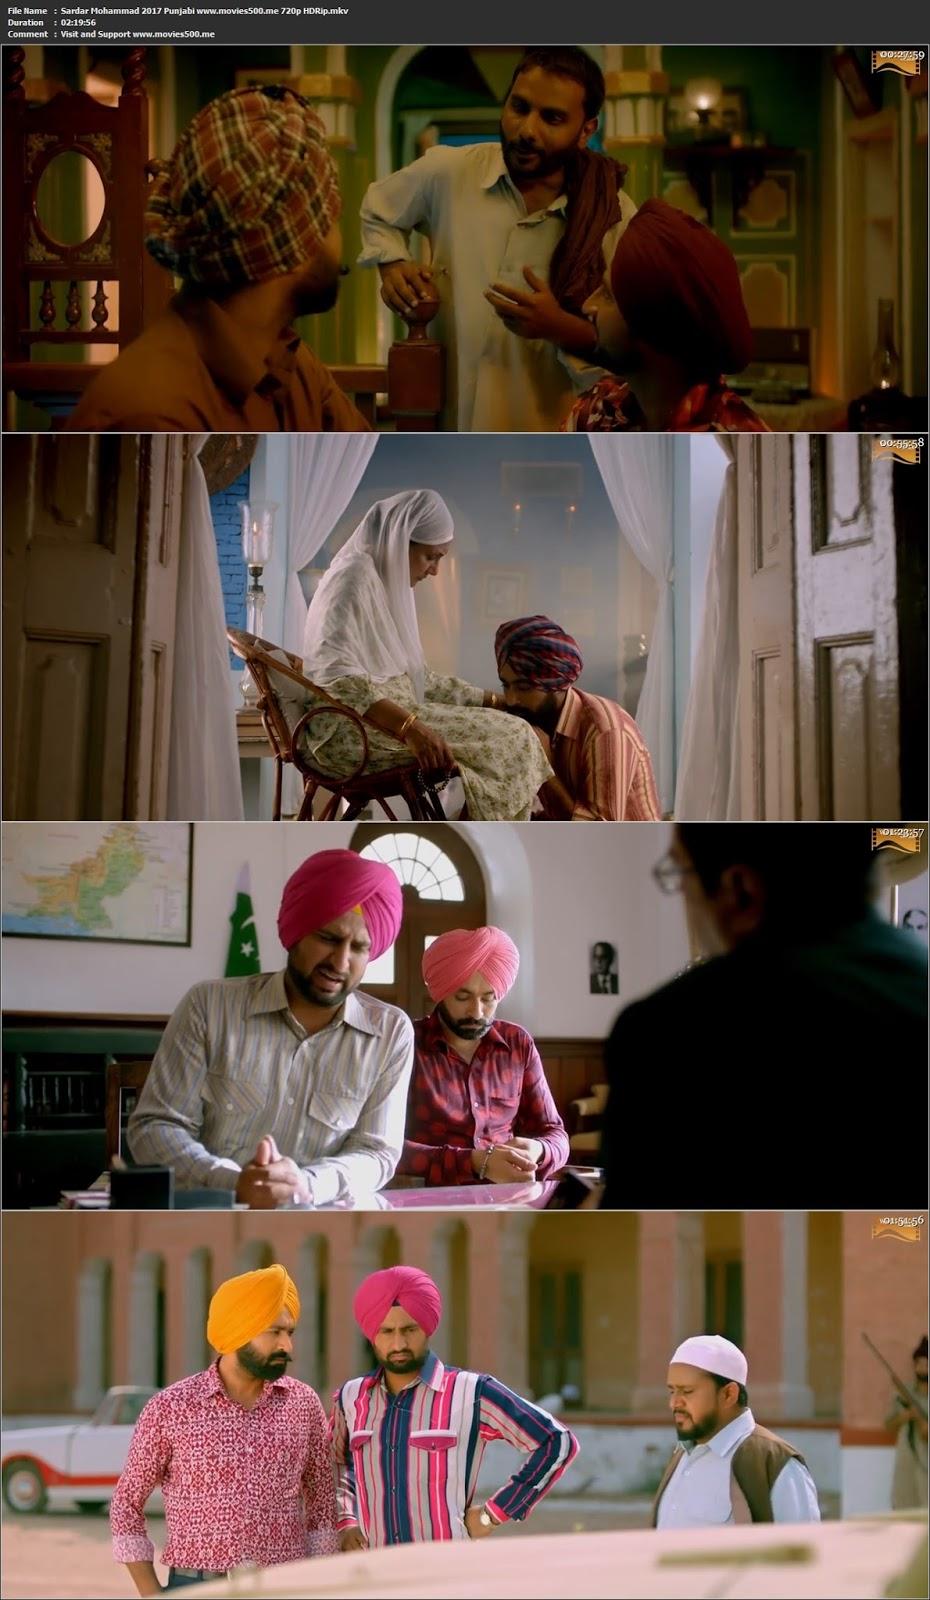 Sardar Mohammad 2017 Punjabi Full Movie HDRip 720p at scientologymag.com